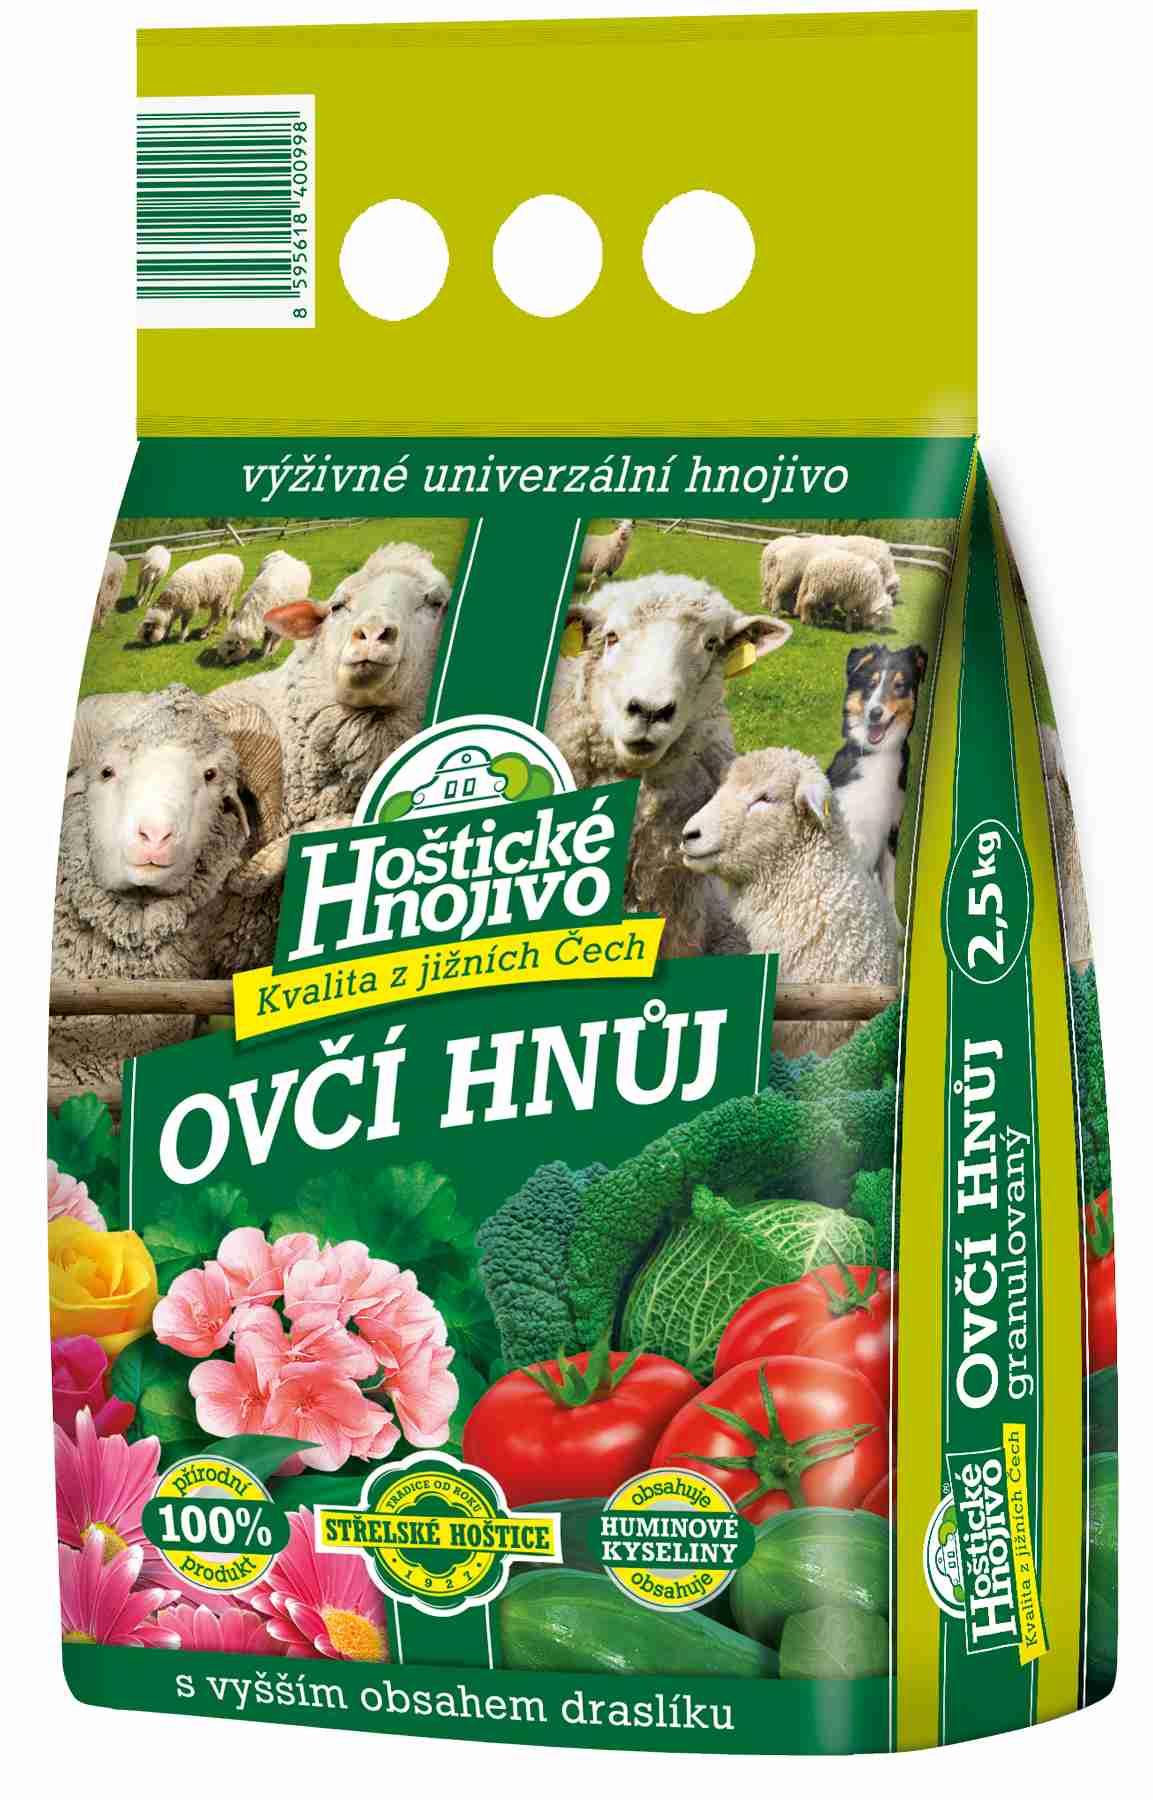 Hoštický ovčí hnůj 25 kg FORESTINA